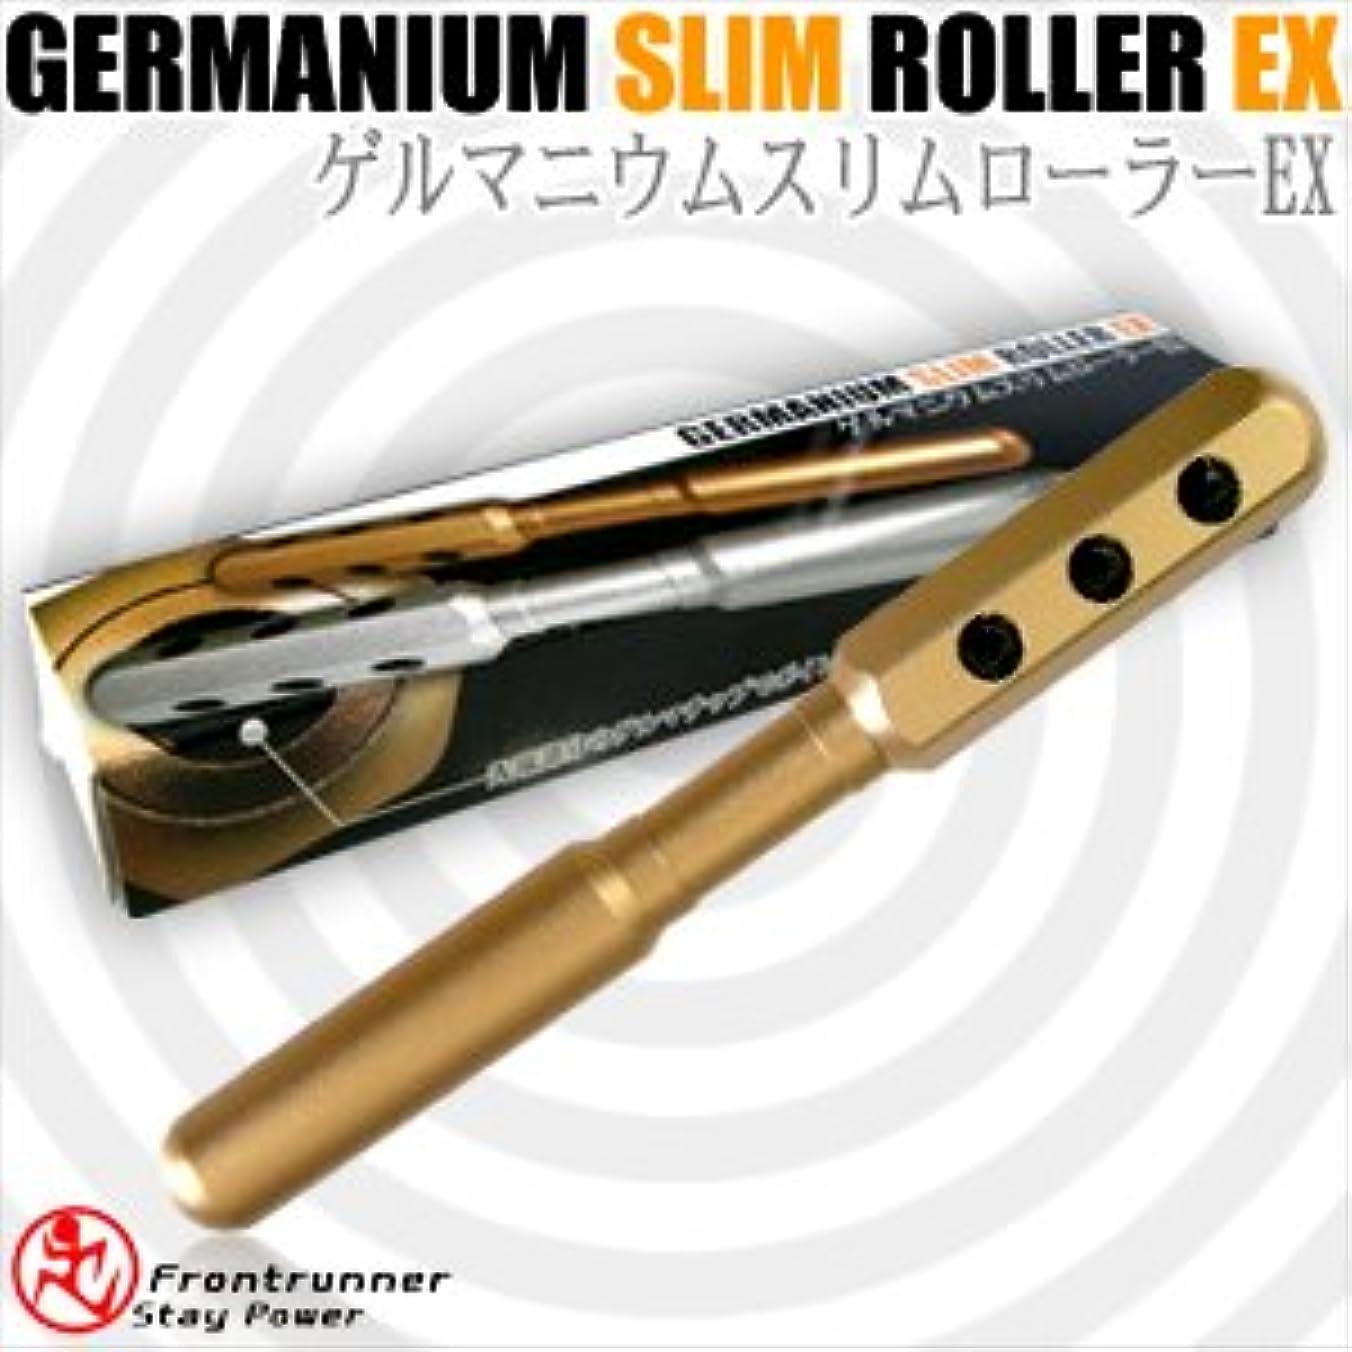 敬意を表してストレージセマフォゲルマニウムスリムローラーEX(ゴールド)